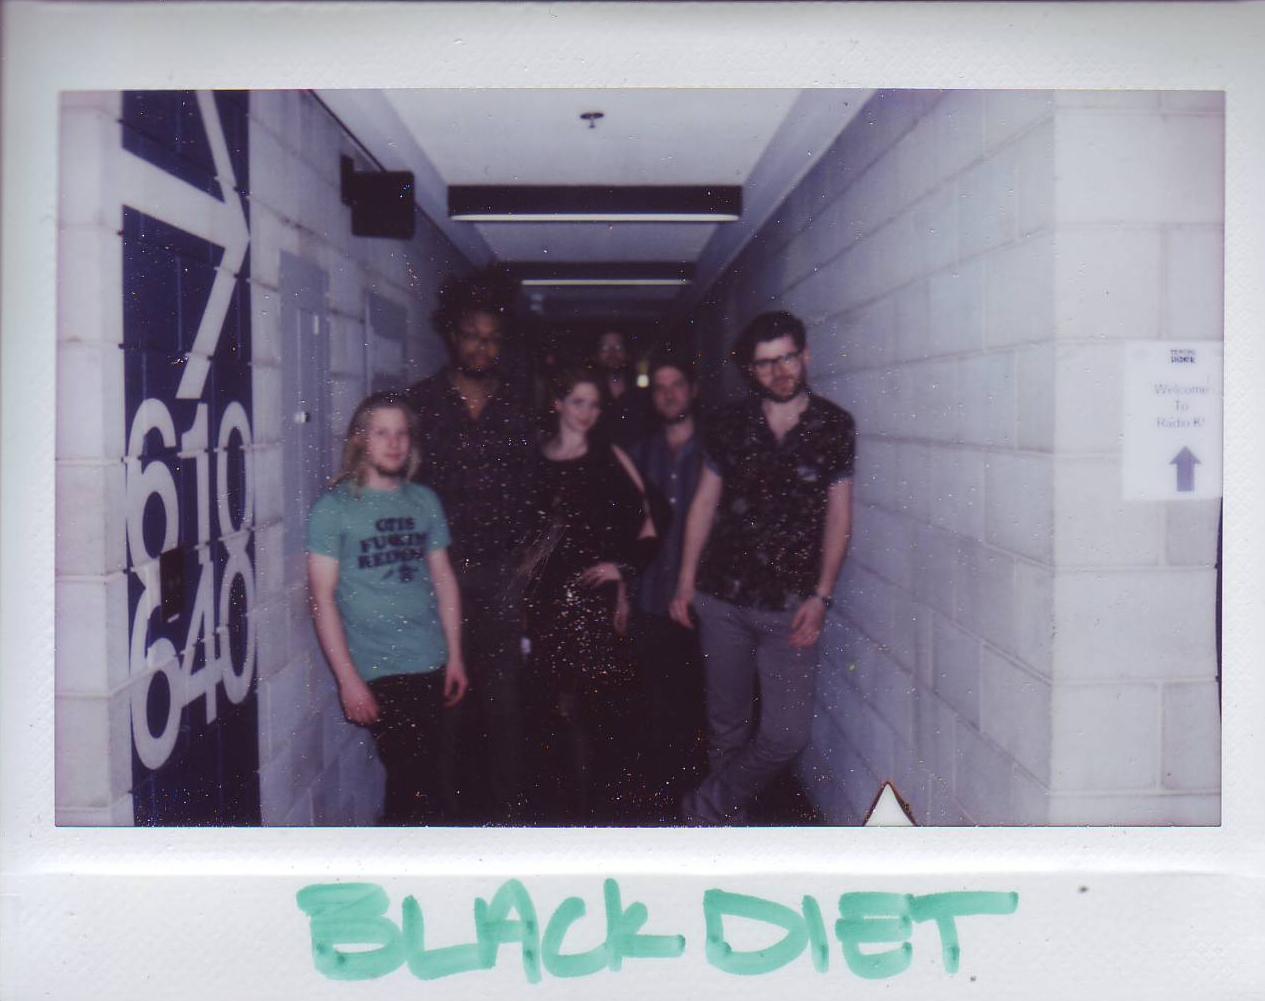 Black Diet